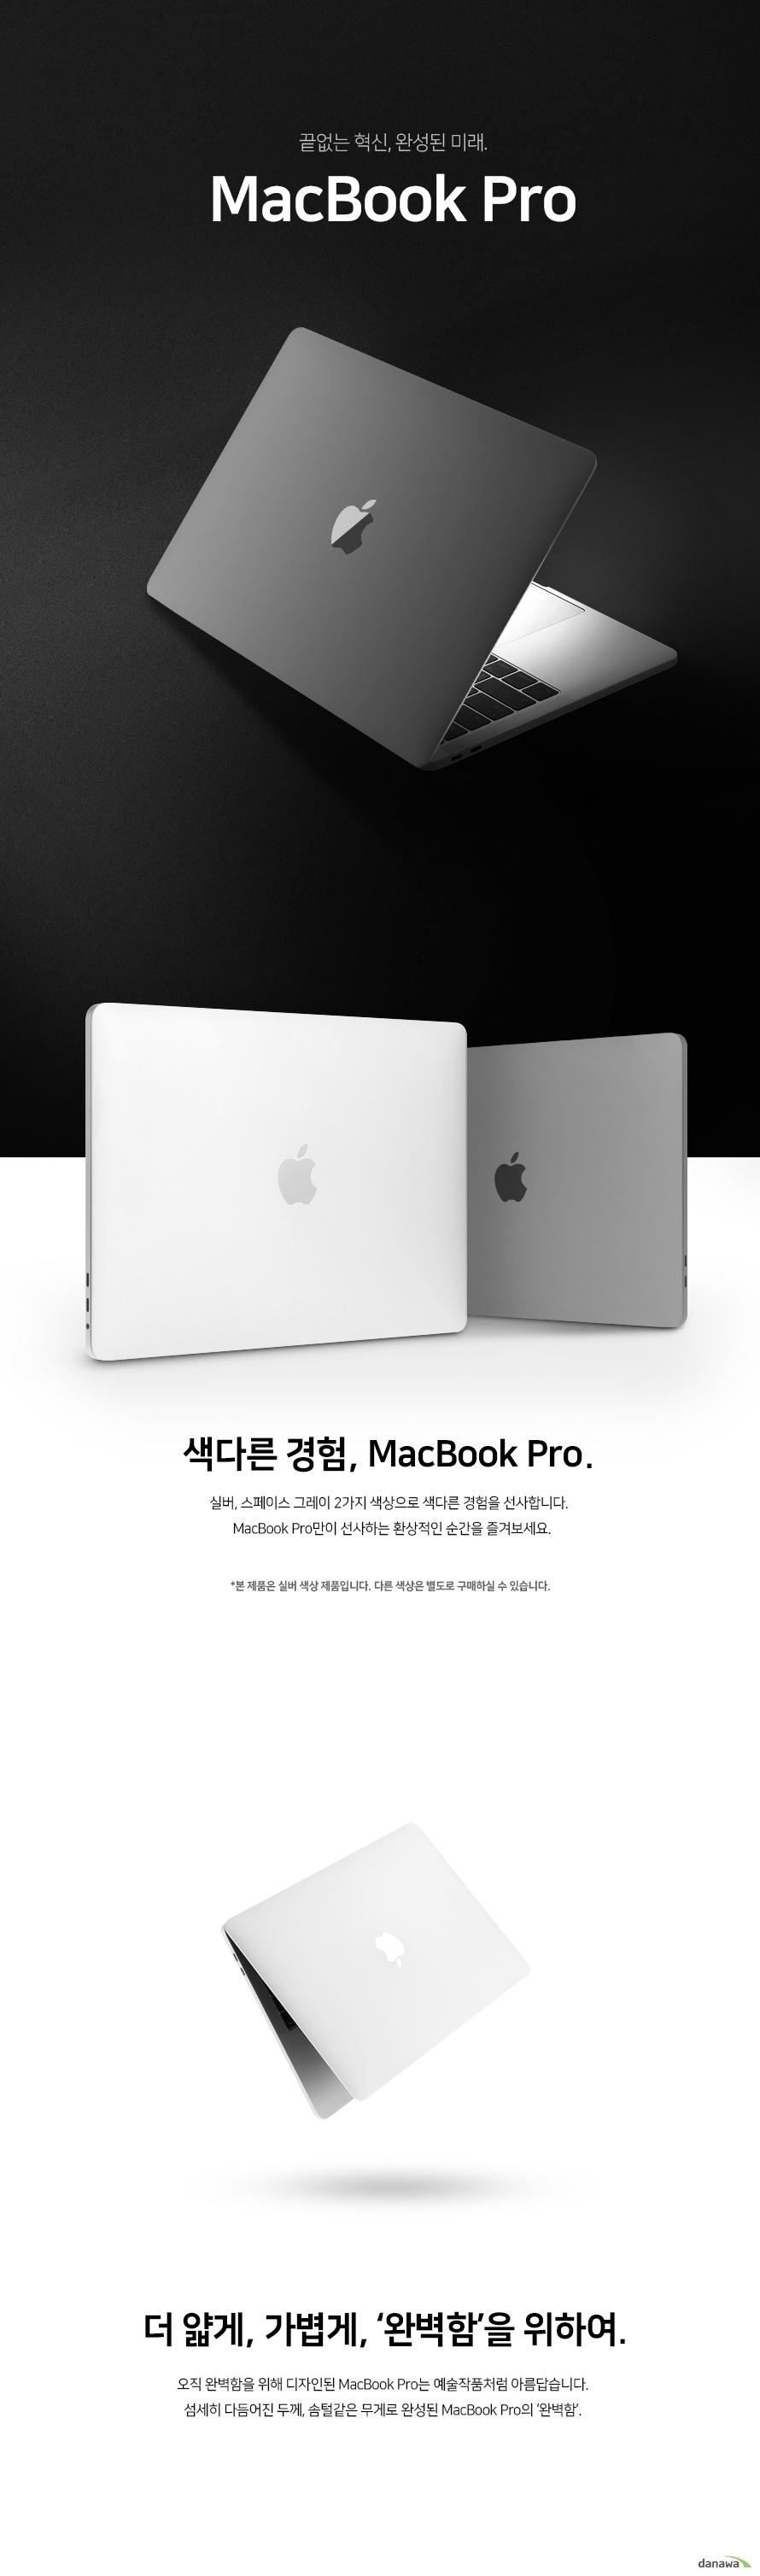 끝없는 혁신, 완성된 미래 맥북 프로   색다른 경험 맥북 프로  스페이스 그레이와 실버 2가지 색상으로 색다른 경험을 선사합니다. 맥북 프로만이 선사하는 환상적인 순간을 즐겨보세요.  본 제품은 실버 색상 제품입니다. 다른 색상은 별도로 구매하실 수 있습니다.    더 얇게 가볍게, 완벽함을 위하여.        오직 완벽함을 위해 디자인된 맥북 프로는 예술작품처럼 아름답습니다.    섬세히 다듬어진 두께, 솜털같은 무게로 완성된 맥북 프로의 완벽함.